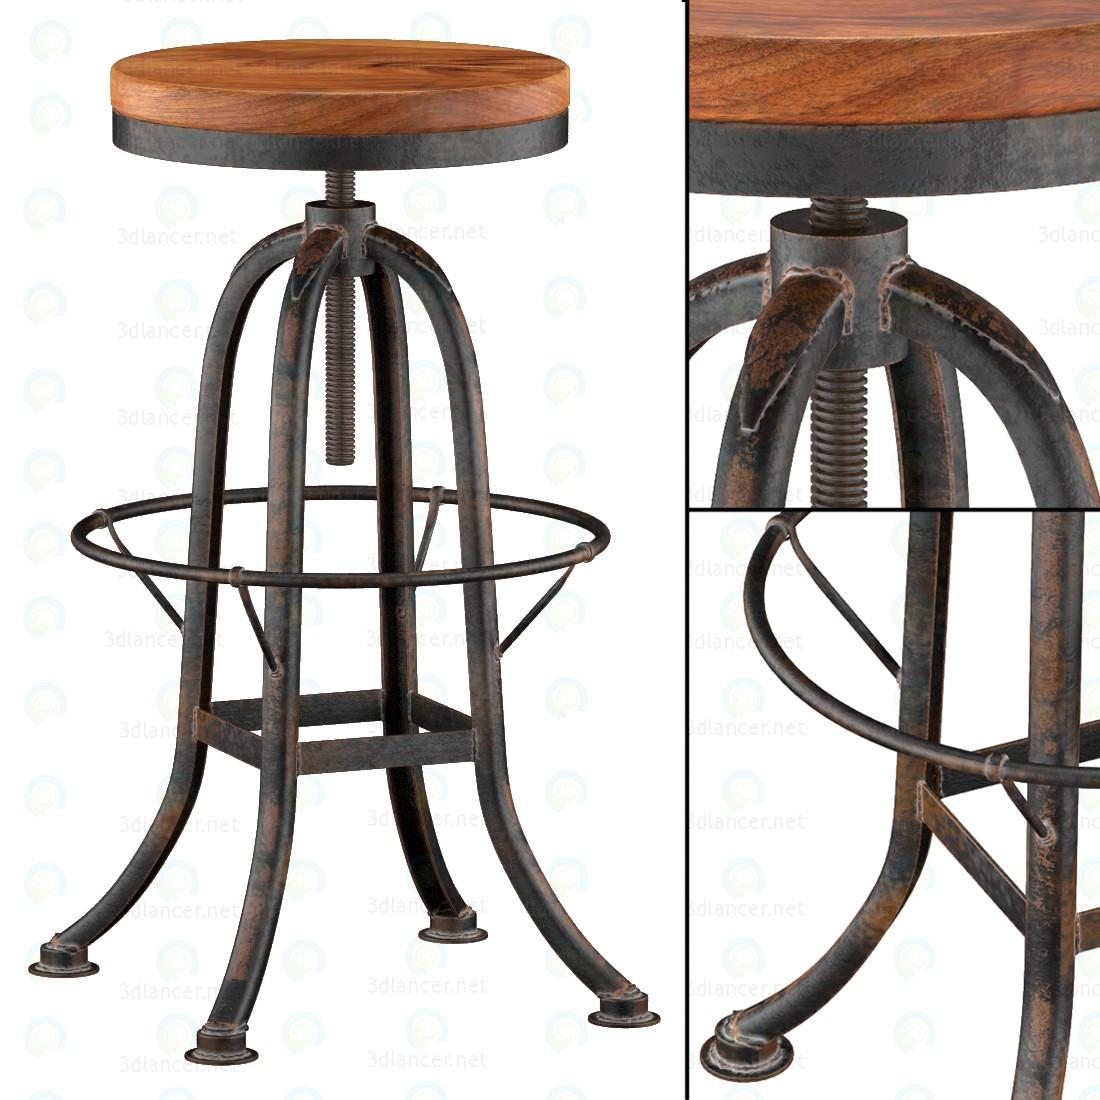 Стілець для барної стійки із заліза з деревяним сидінням 3d модель купити - рендер